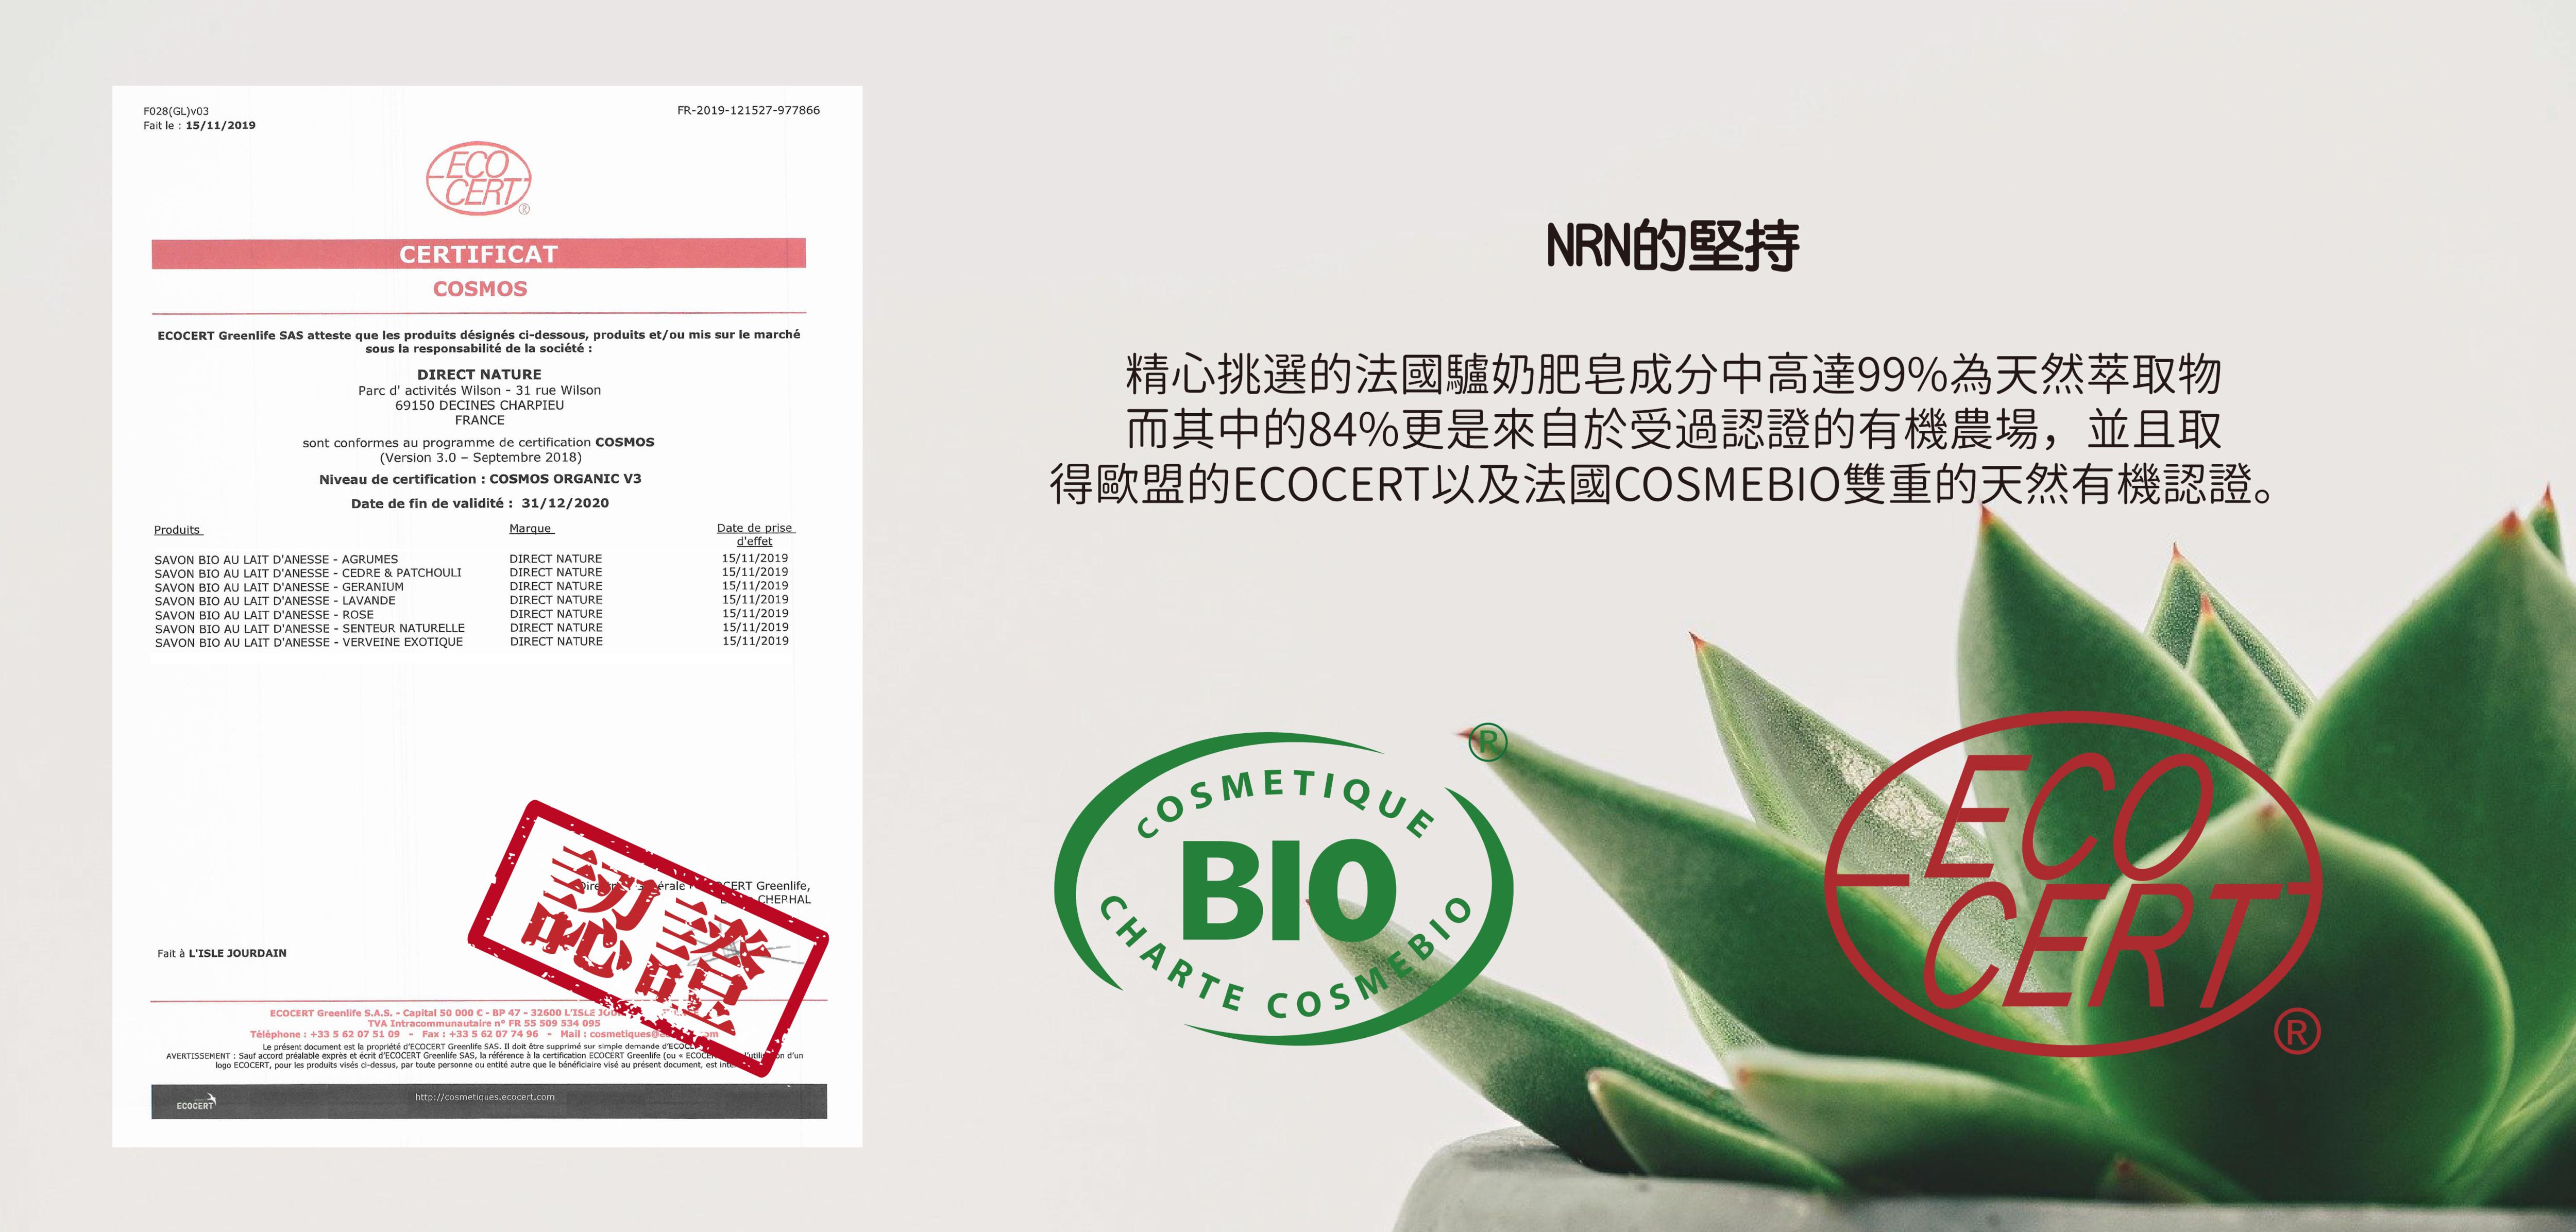 COSMEBIO,Ecocert,bio,eco,天然萃取物,認證,有機認證,寶寶使用,敏感性肌膚,歐盟